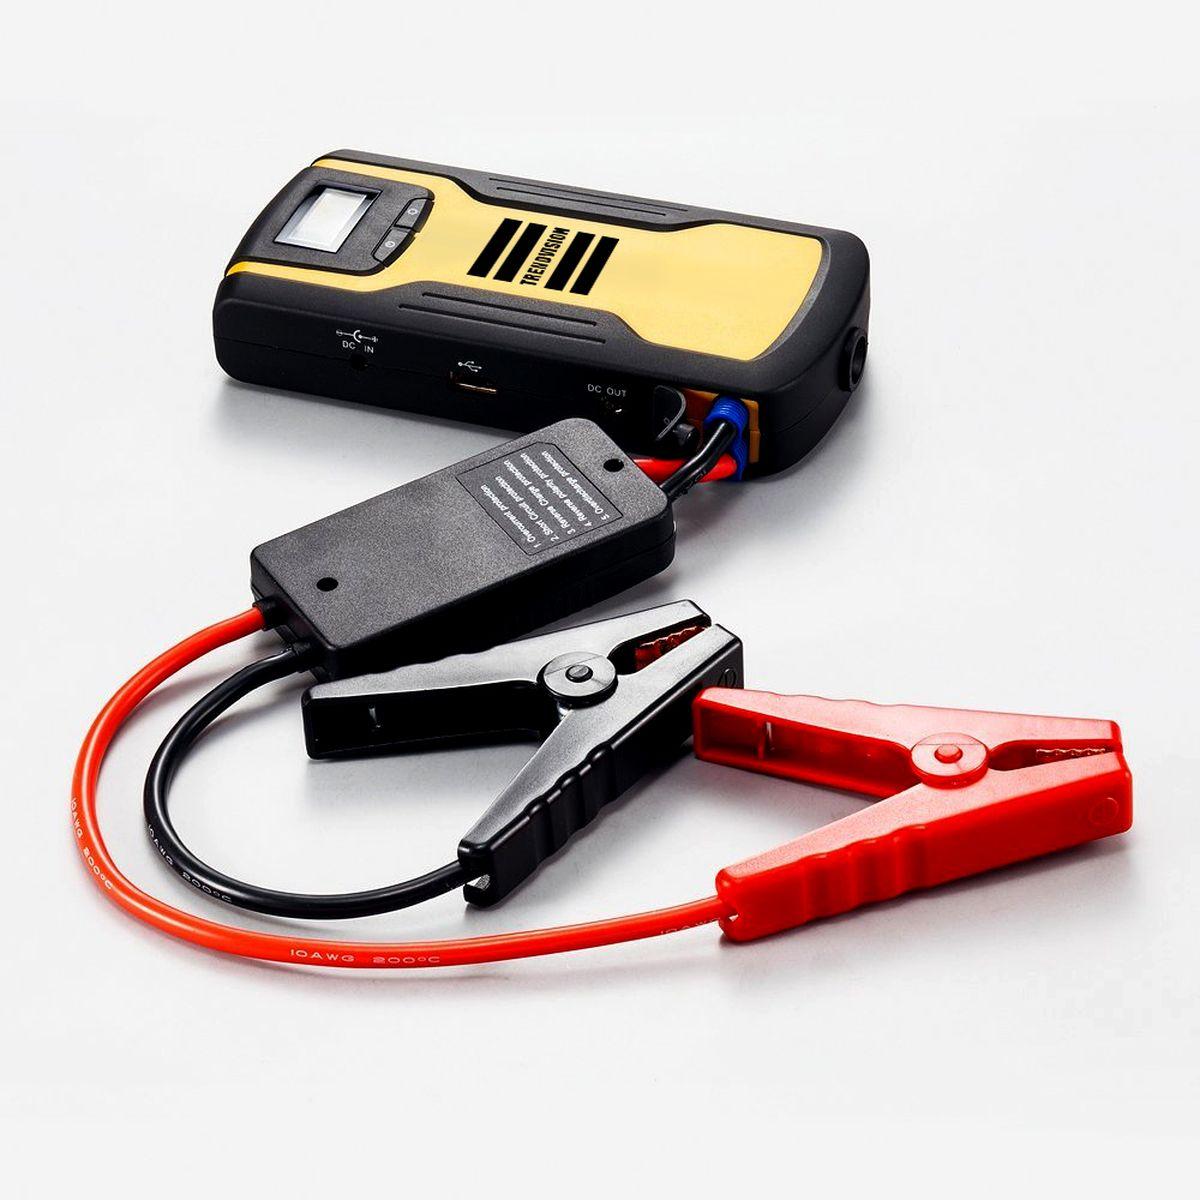 Пуско-зарядное устройство TrendVision Start 11000, многофункциональноеTVS110Устройство позволяет запустить двигатель автомобиля, когда штатный аккумулятор не может с этим справиться. Также TrendVision Start 11000 зарядит Ваш планшет, смартфон, фото и видео аппаратуру